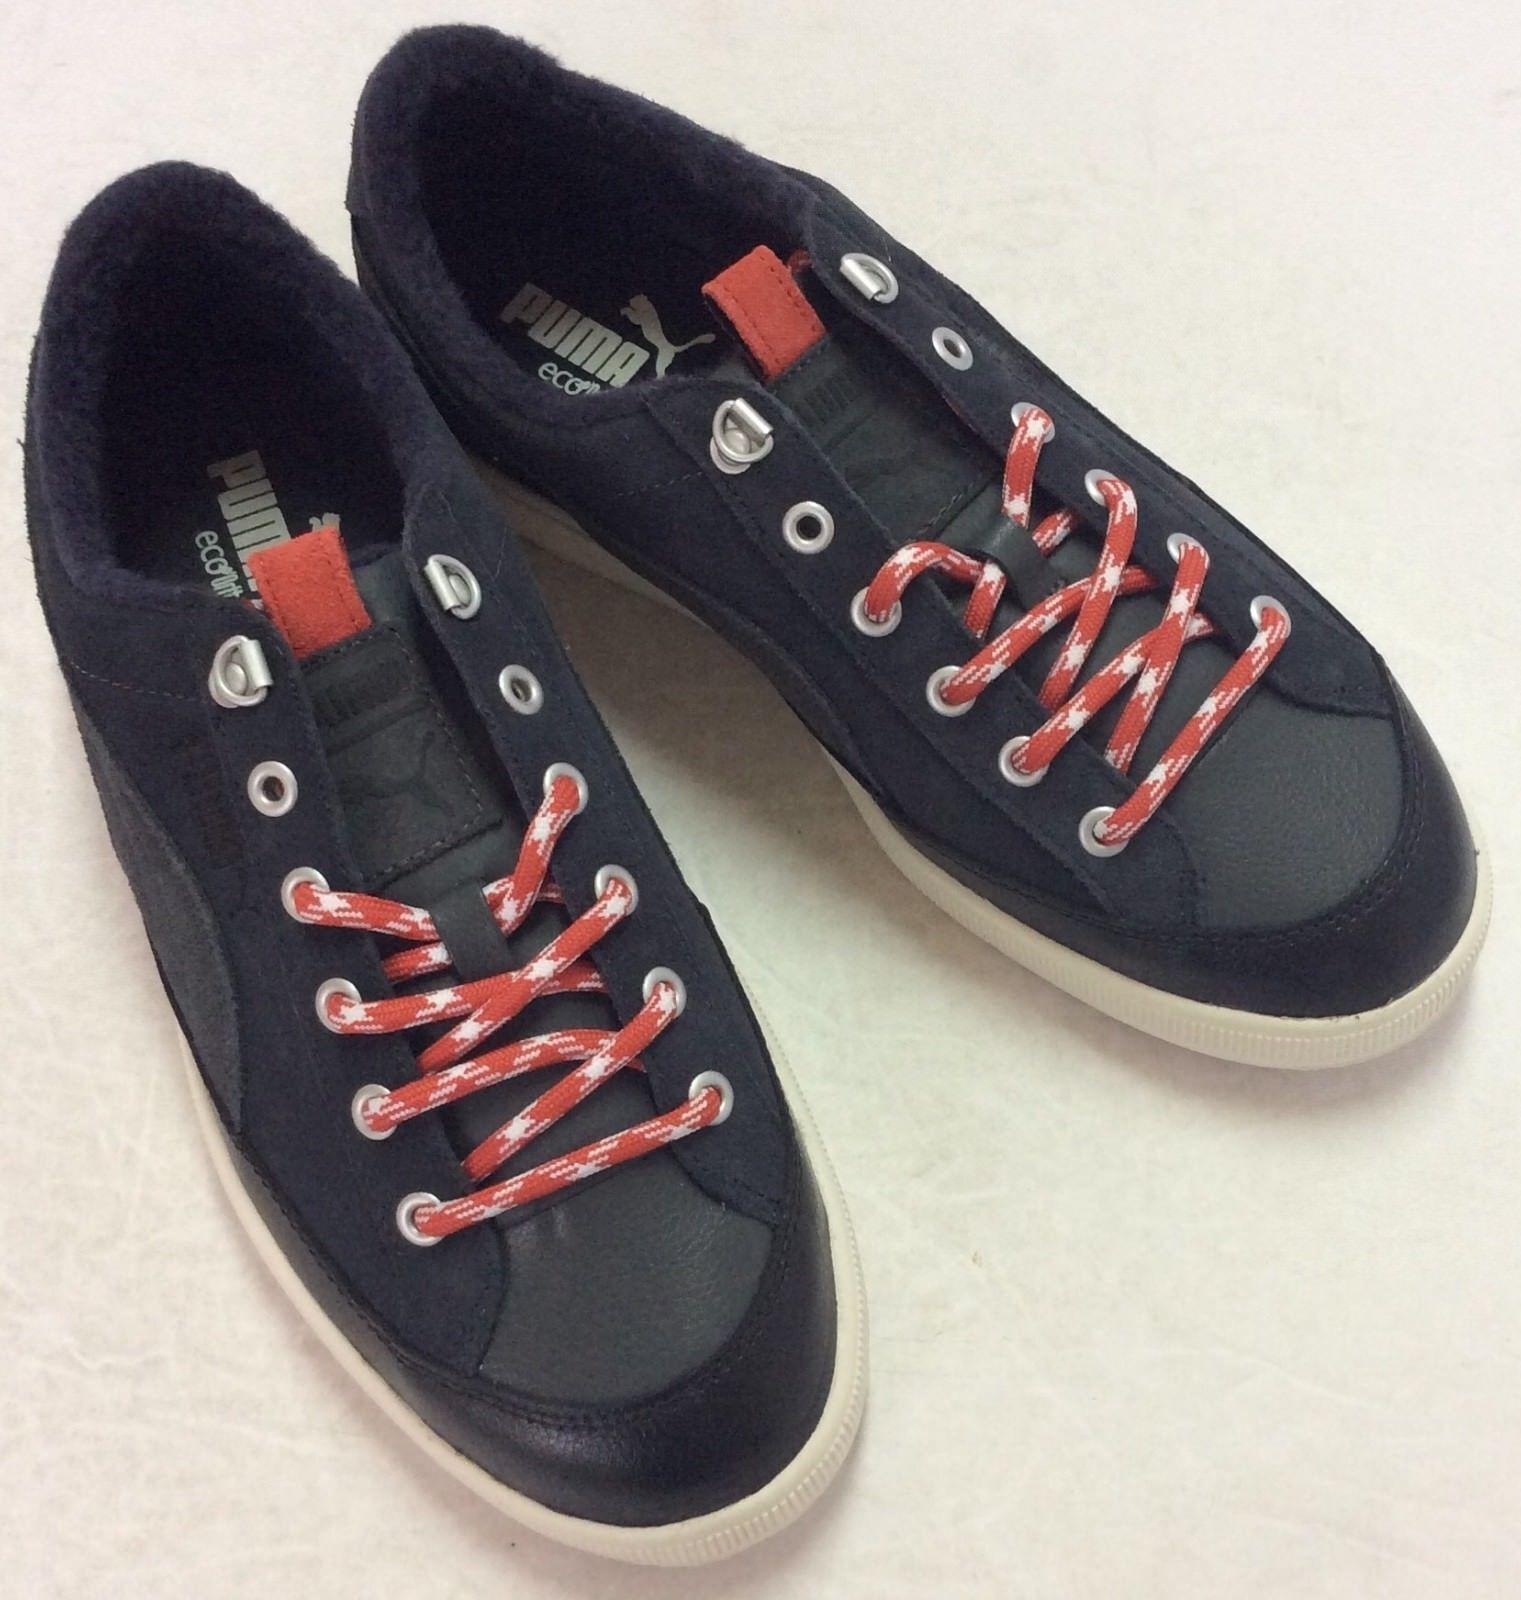 Puma ARCHIVE LITE LOW Men Sneaker Black Gray Lace Up Sz 10.5